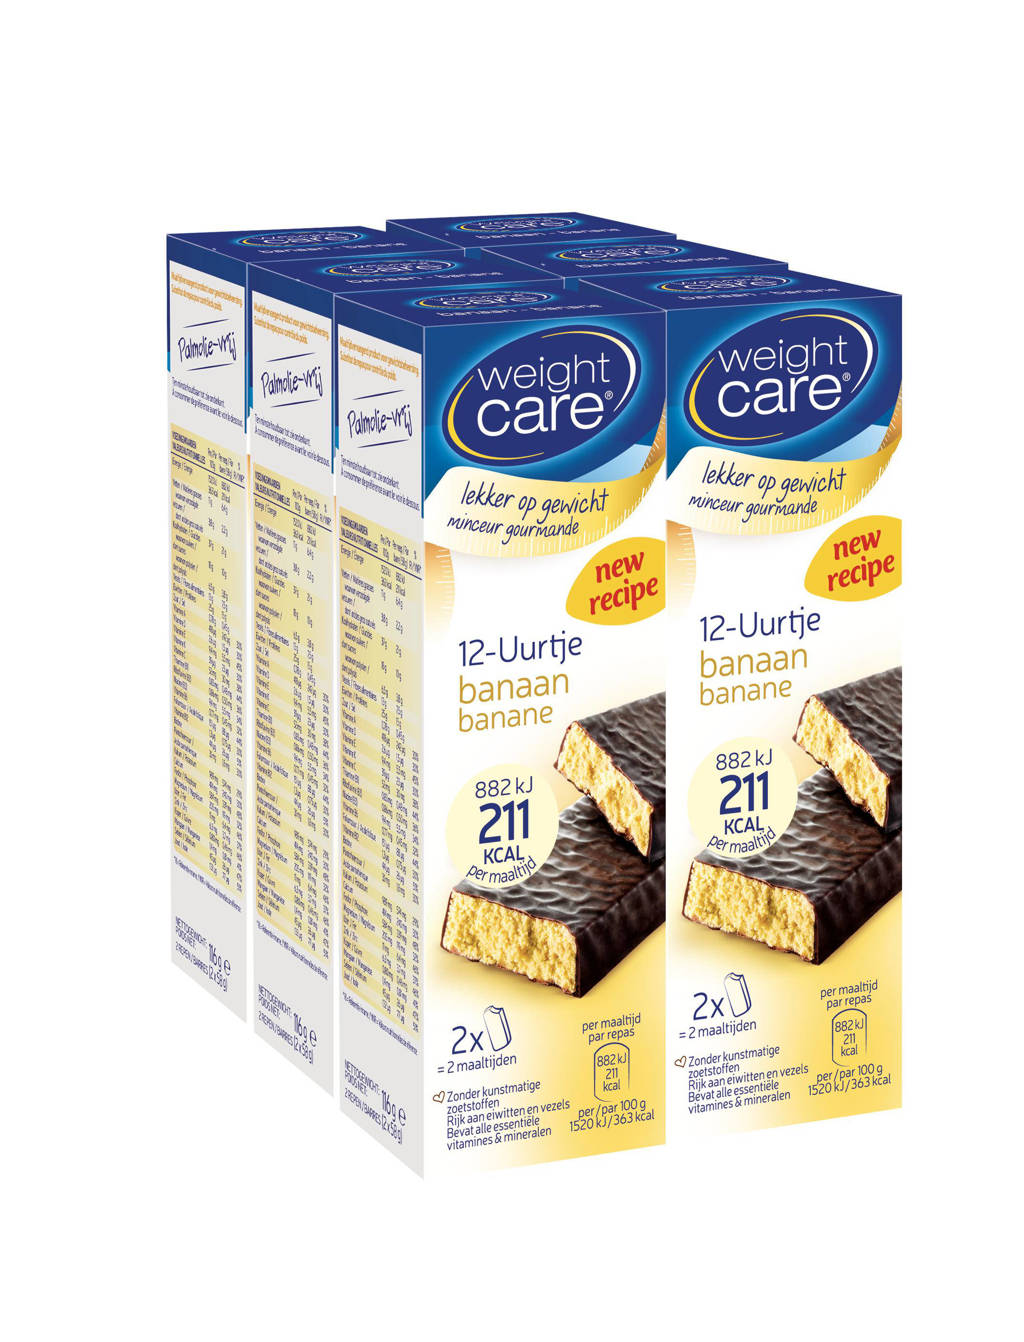 Weight Care Maaltijdreep 12-Uurtje Banaan - 6x2 stuks